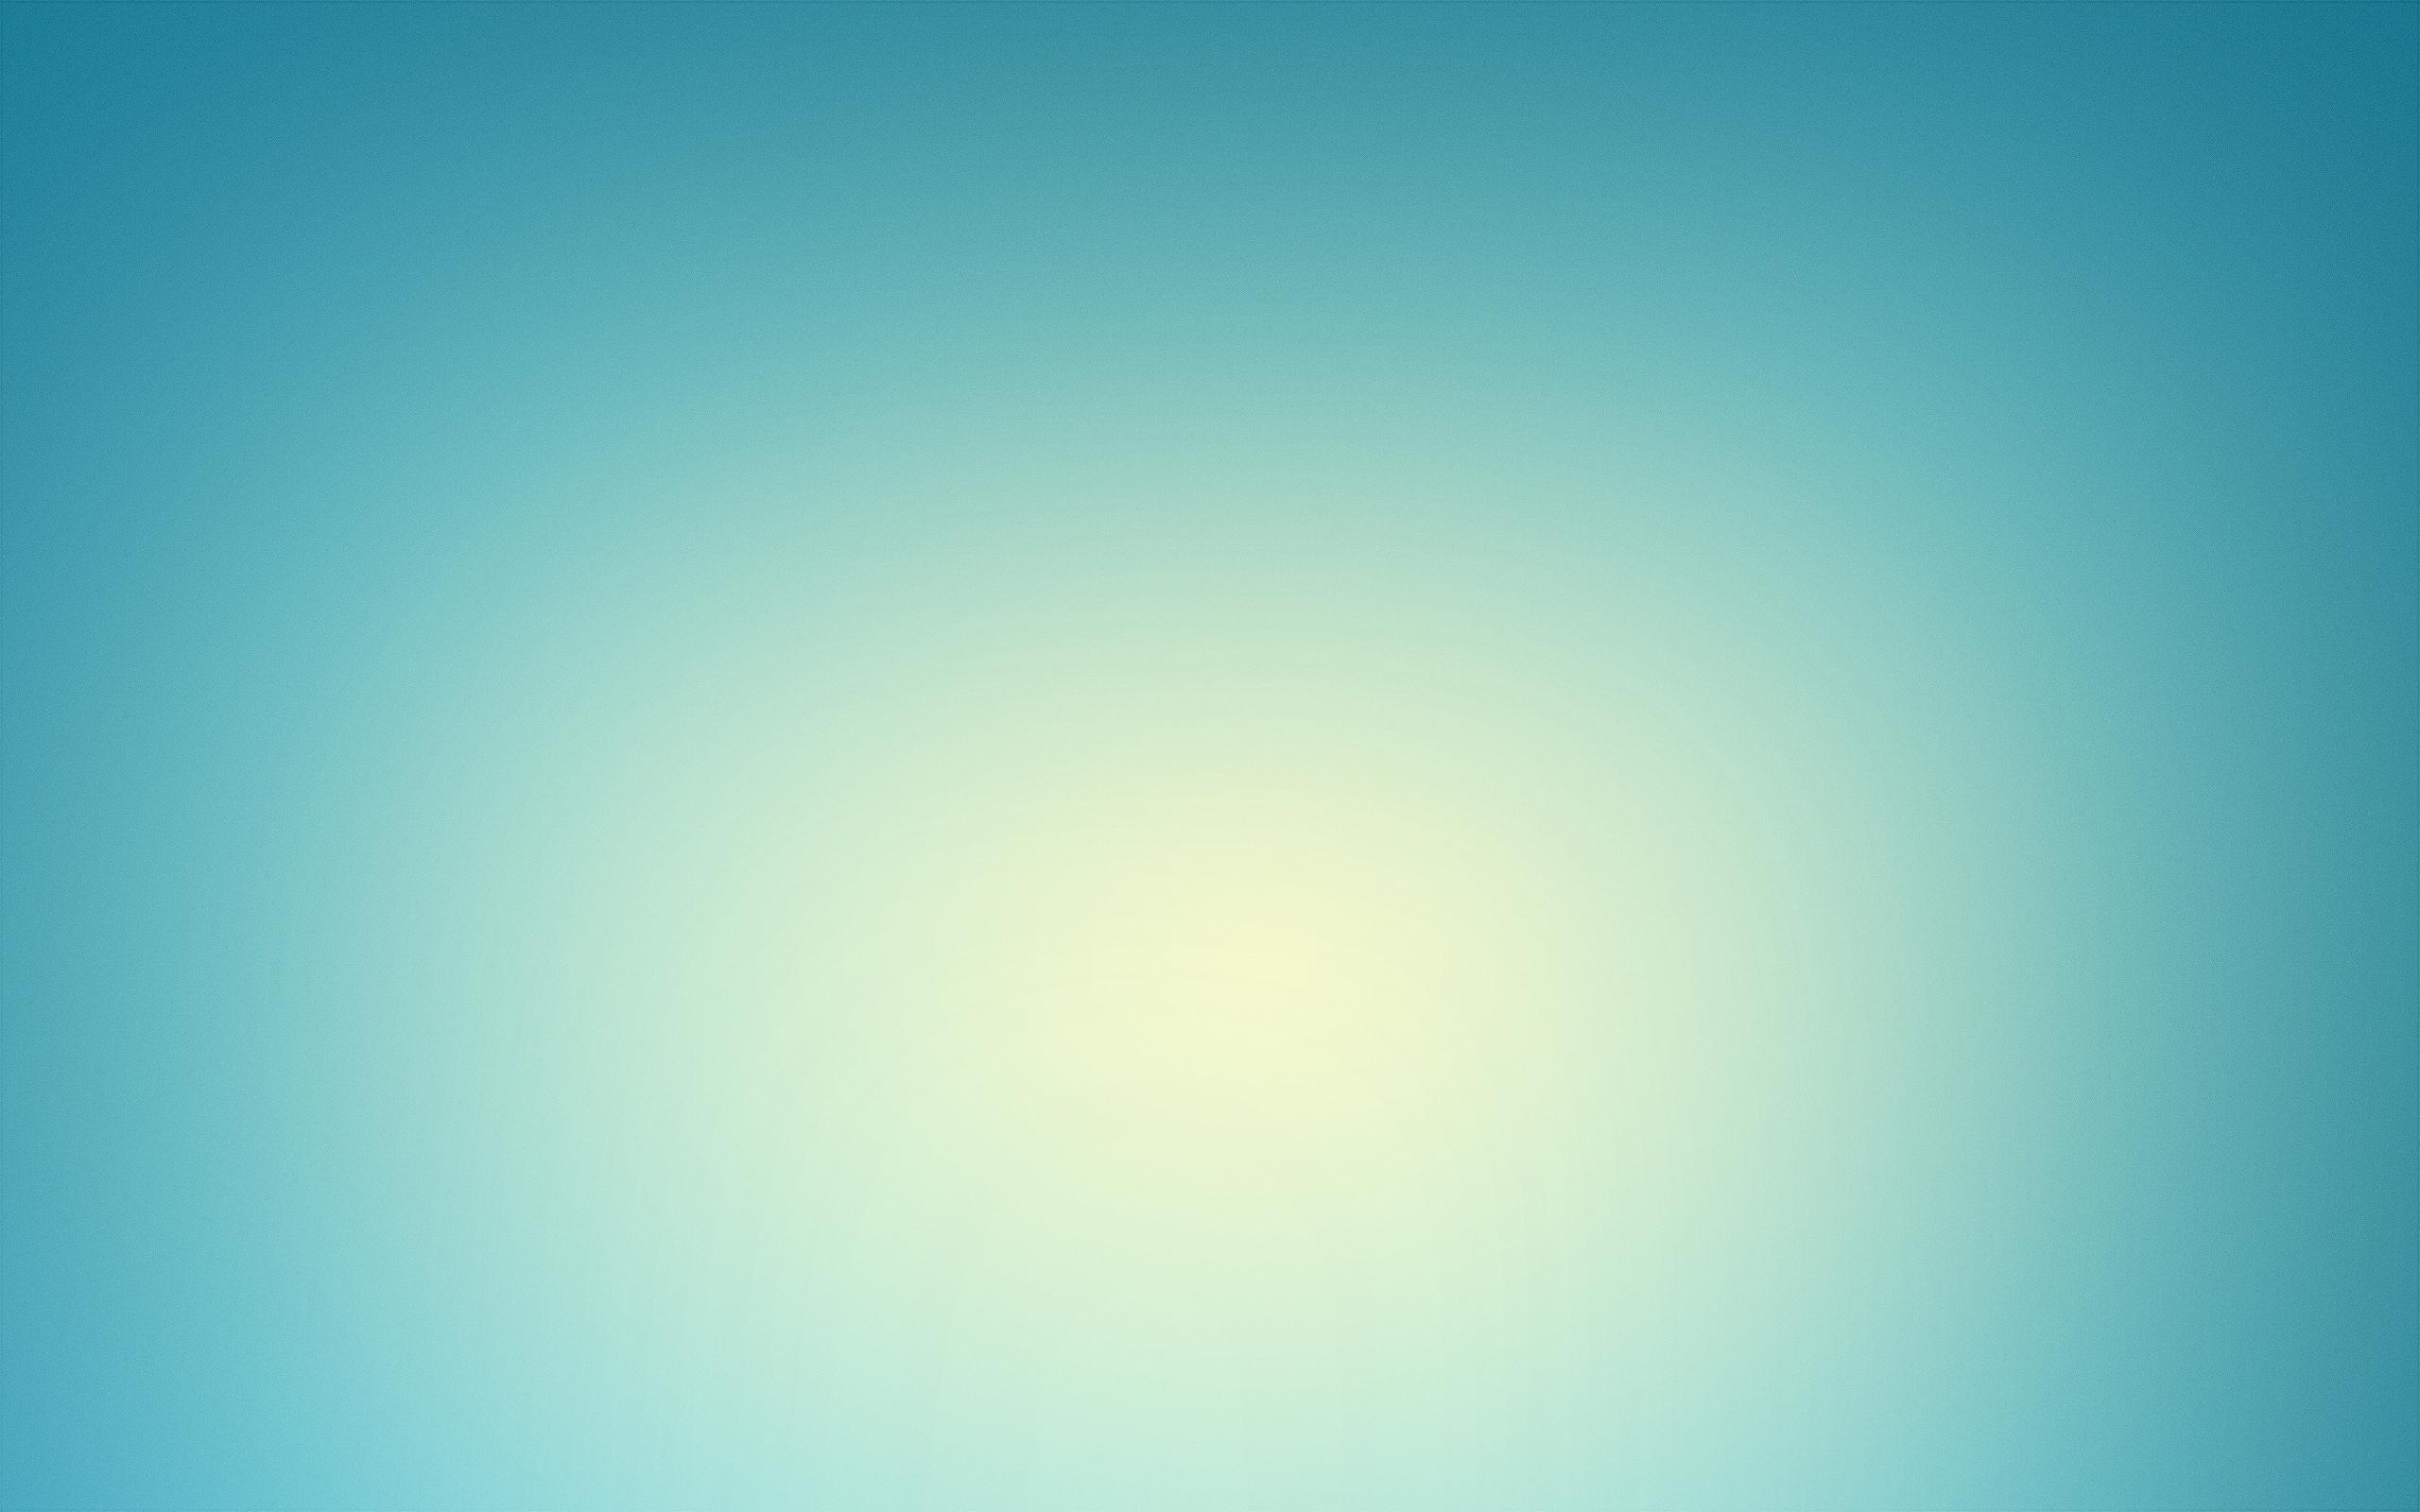 light-blue-best-abstract-wallpaper-hd-304